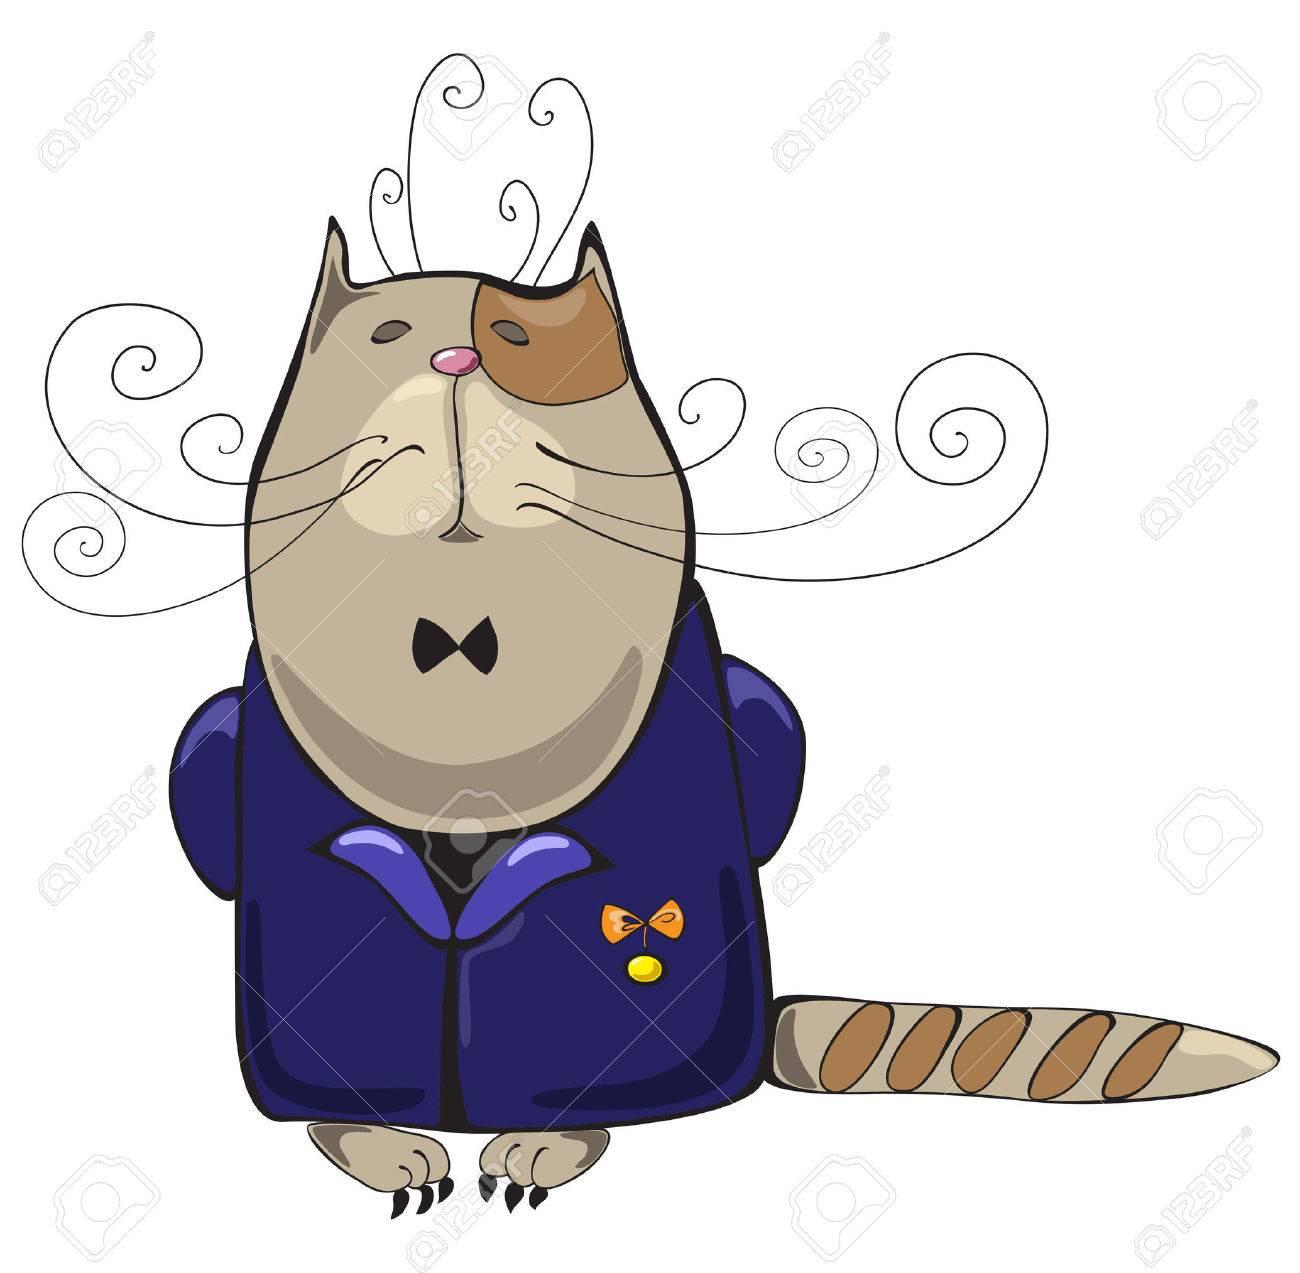 Fier chat hautain en veste bleue avec la médaille d'honneur